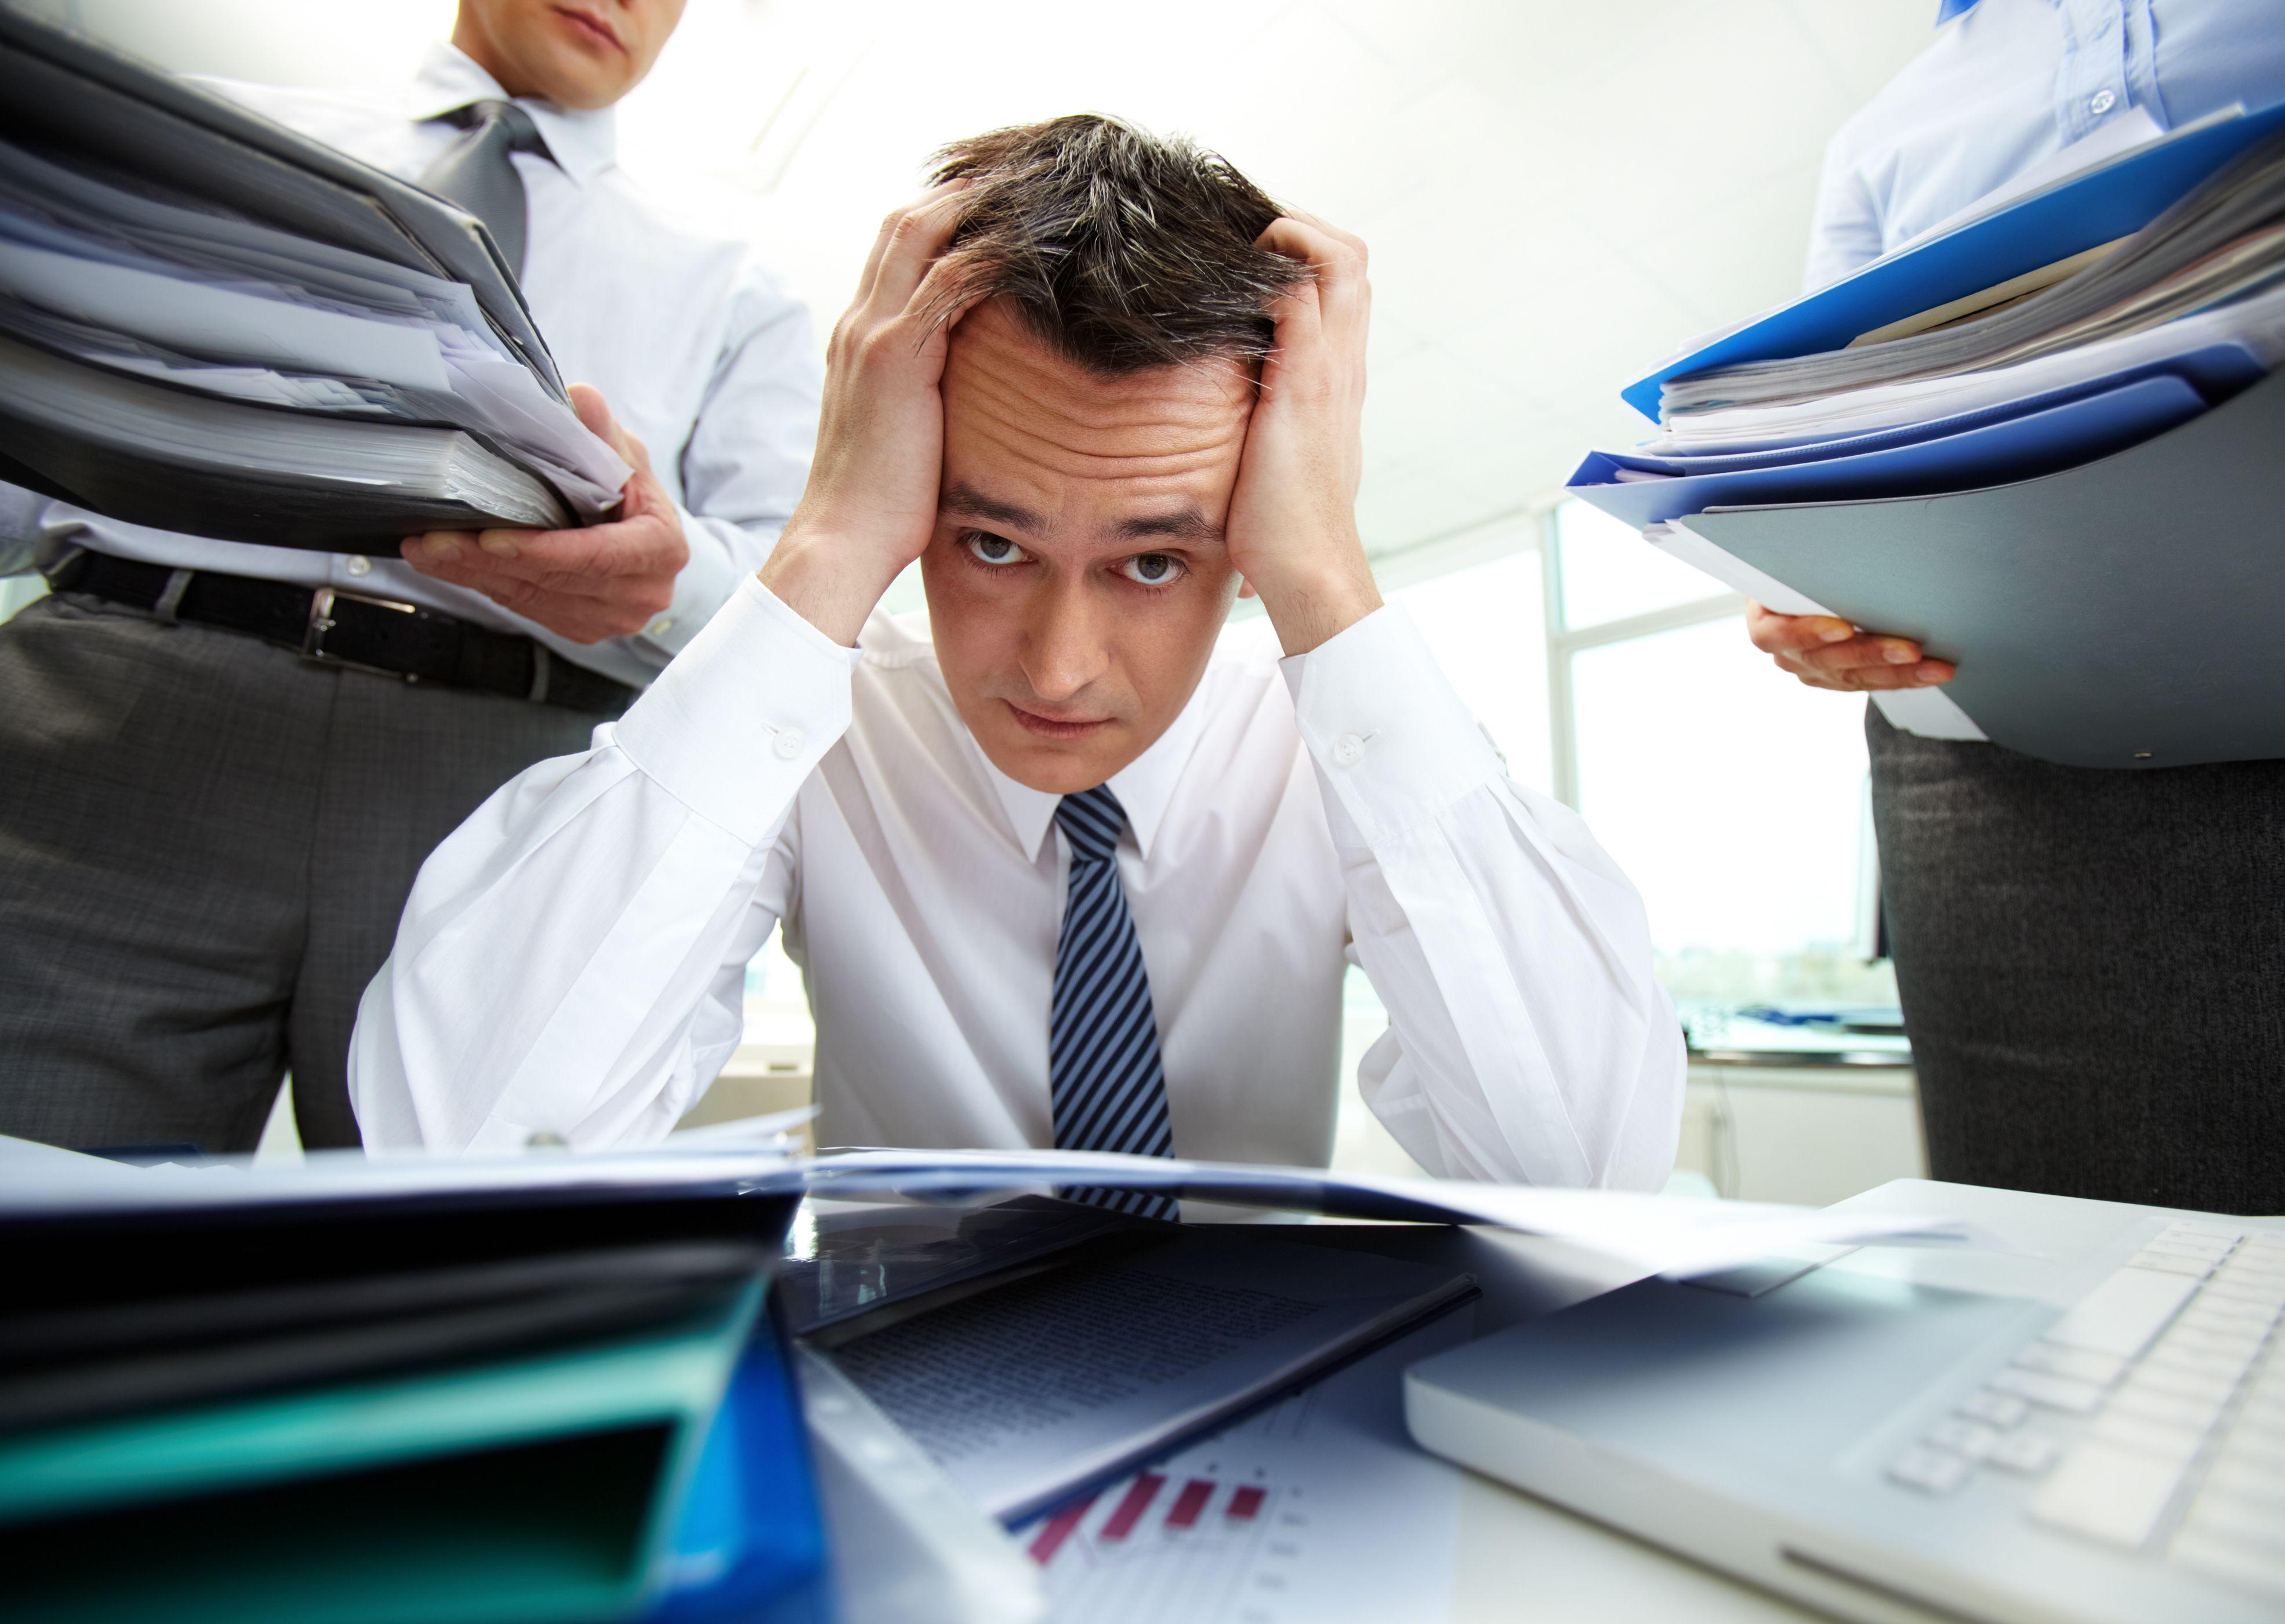 Trabaja la ansiedad y el estrés